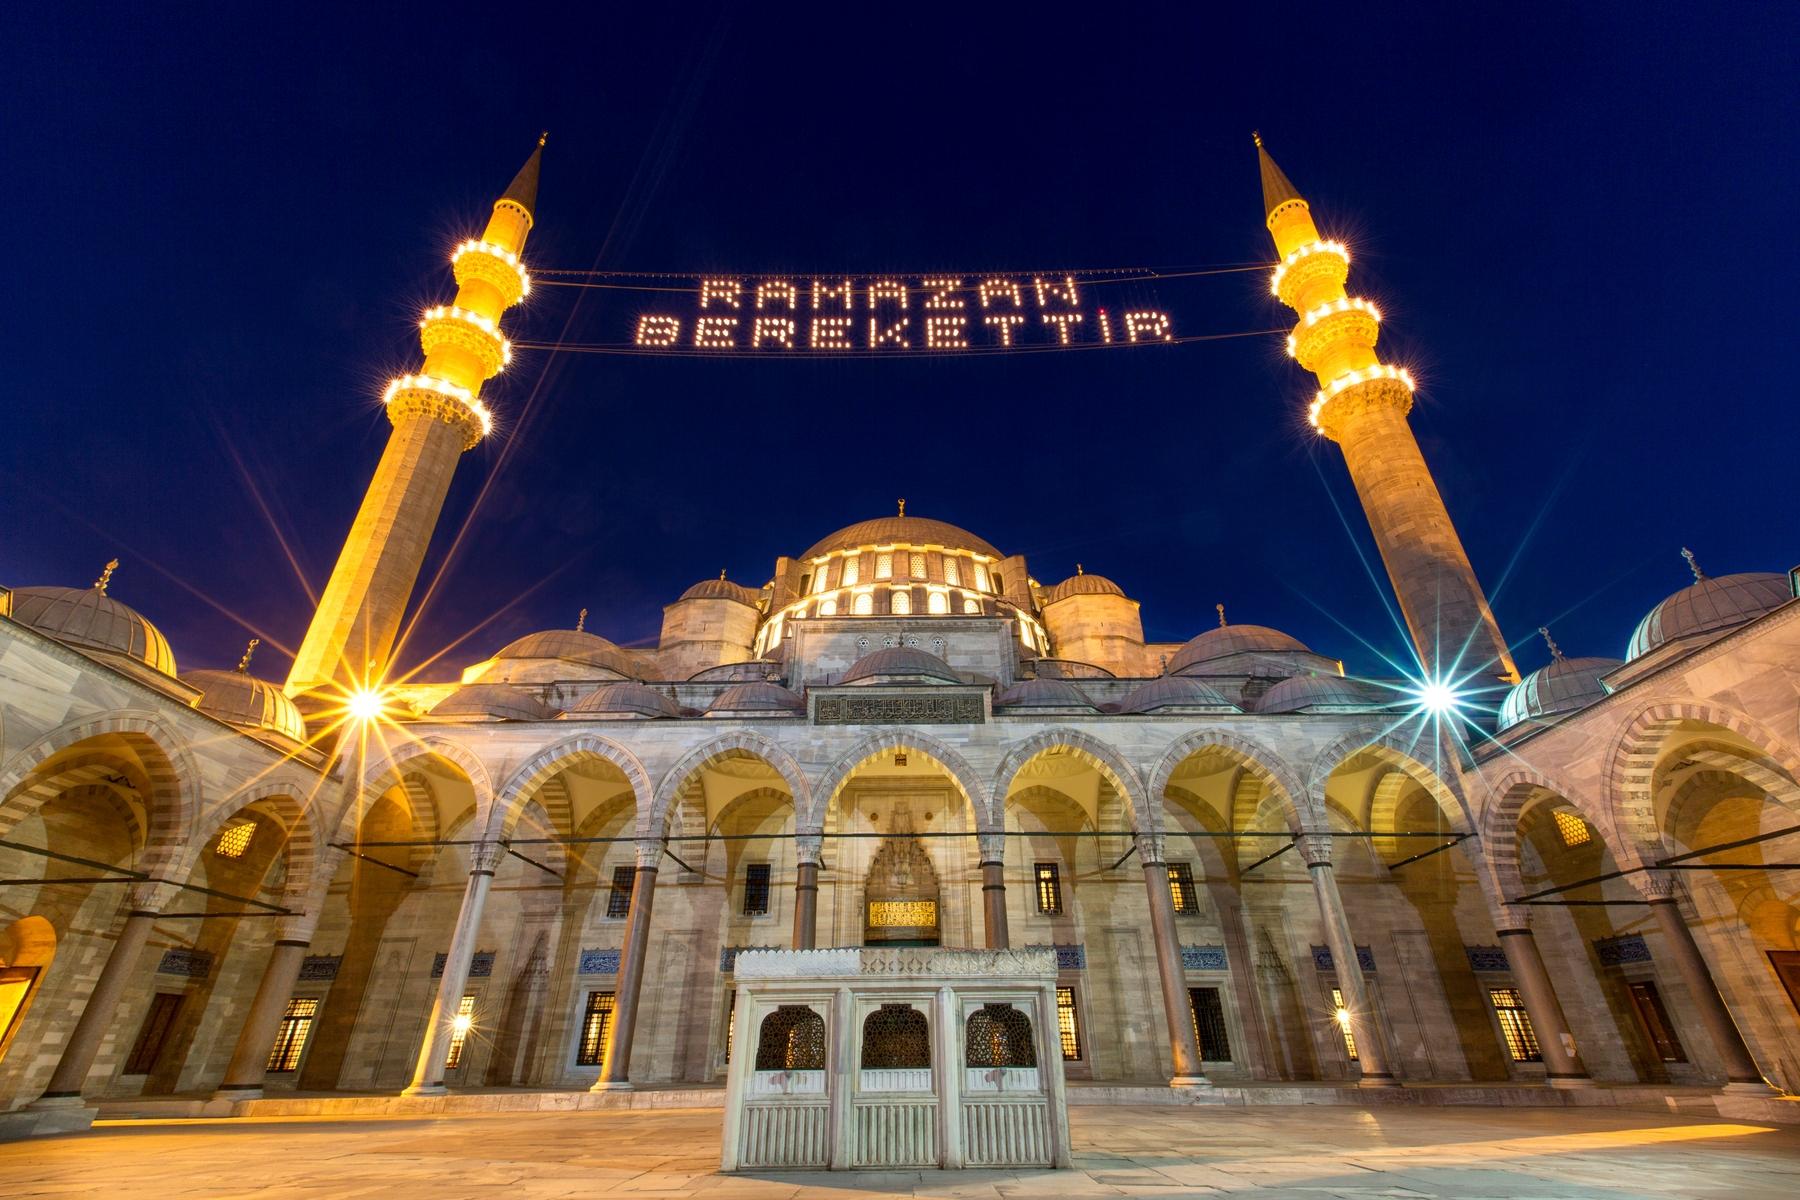 Необычные достопримечательности Стамбула: секретные места и занятия, о которых знают только местные